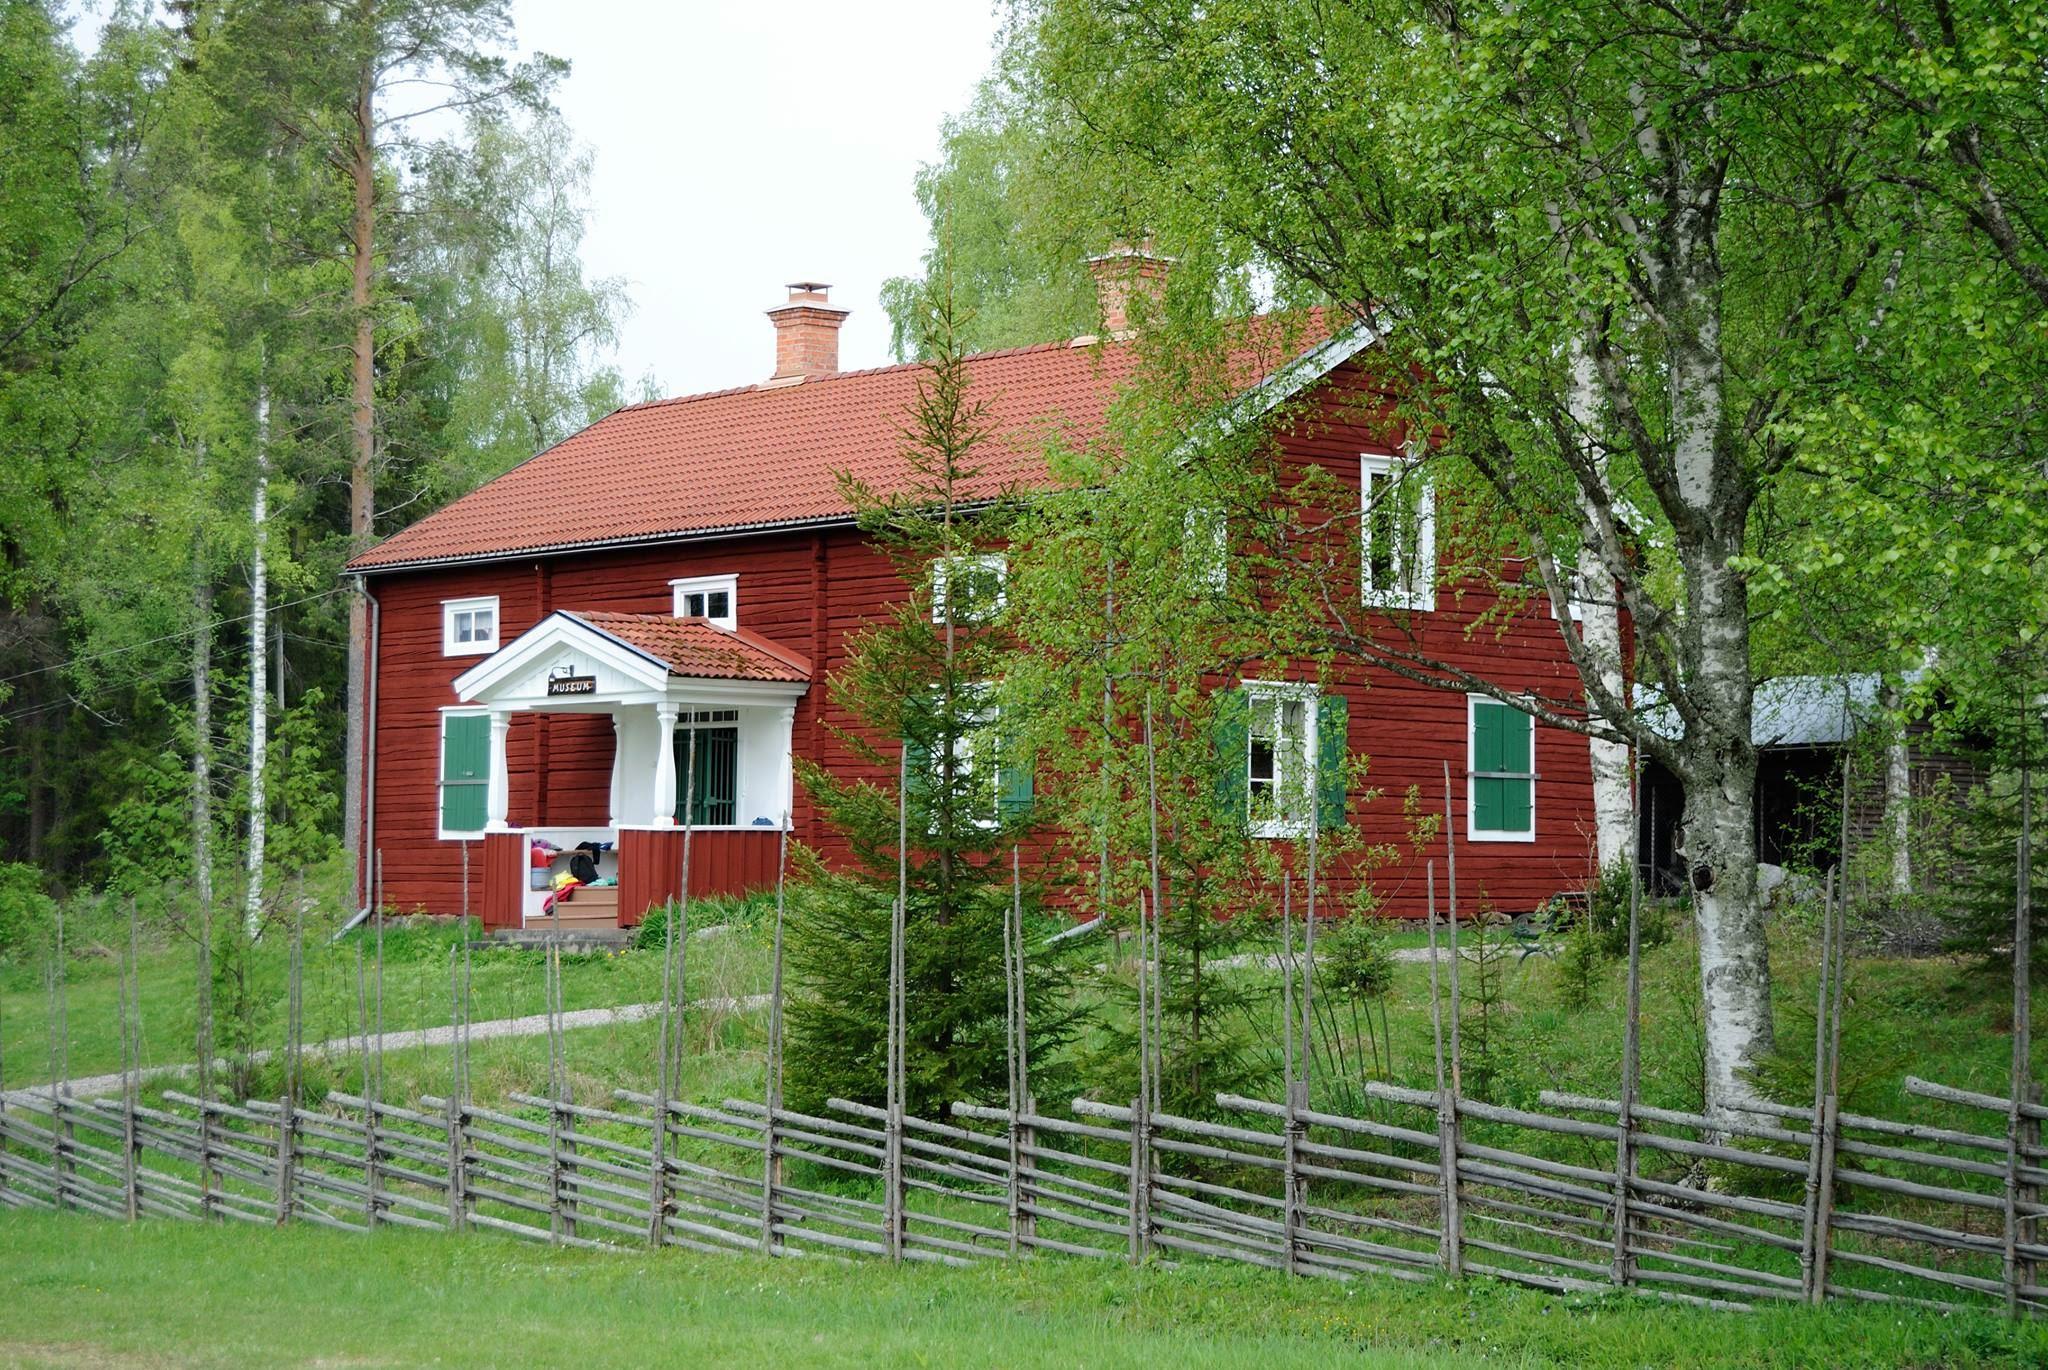 Tuna Heimatmuseum